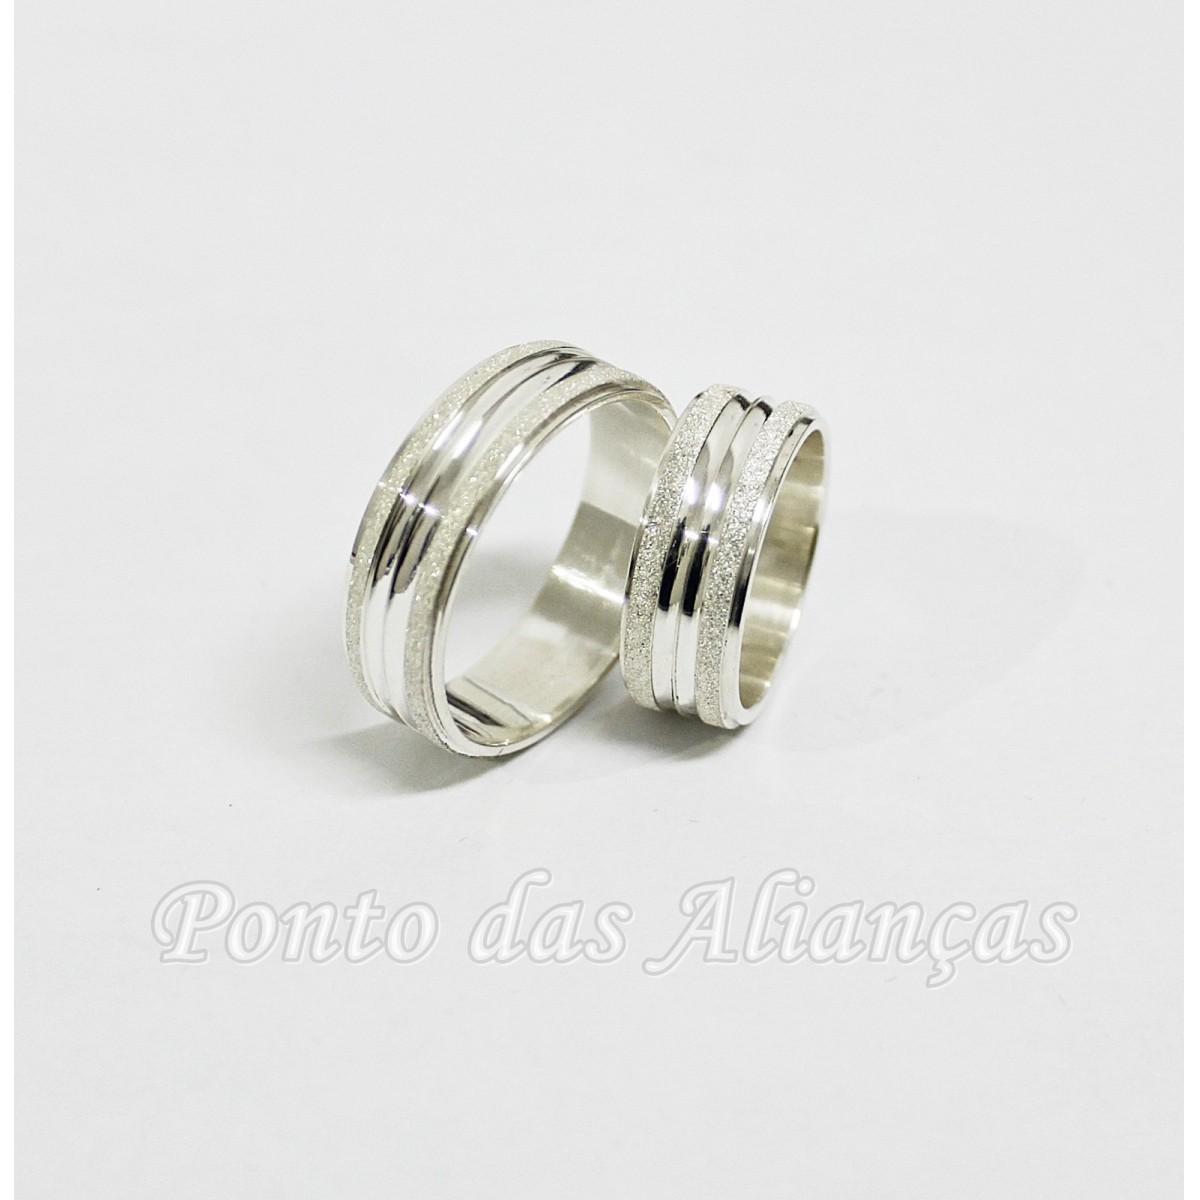 Alianças de Prata Compromisso - 3099